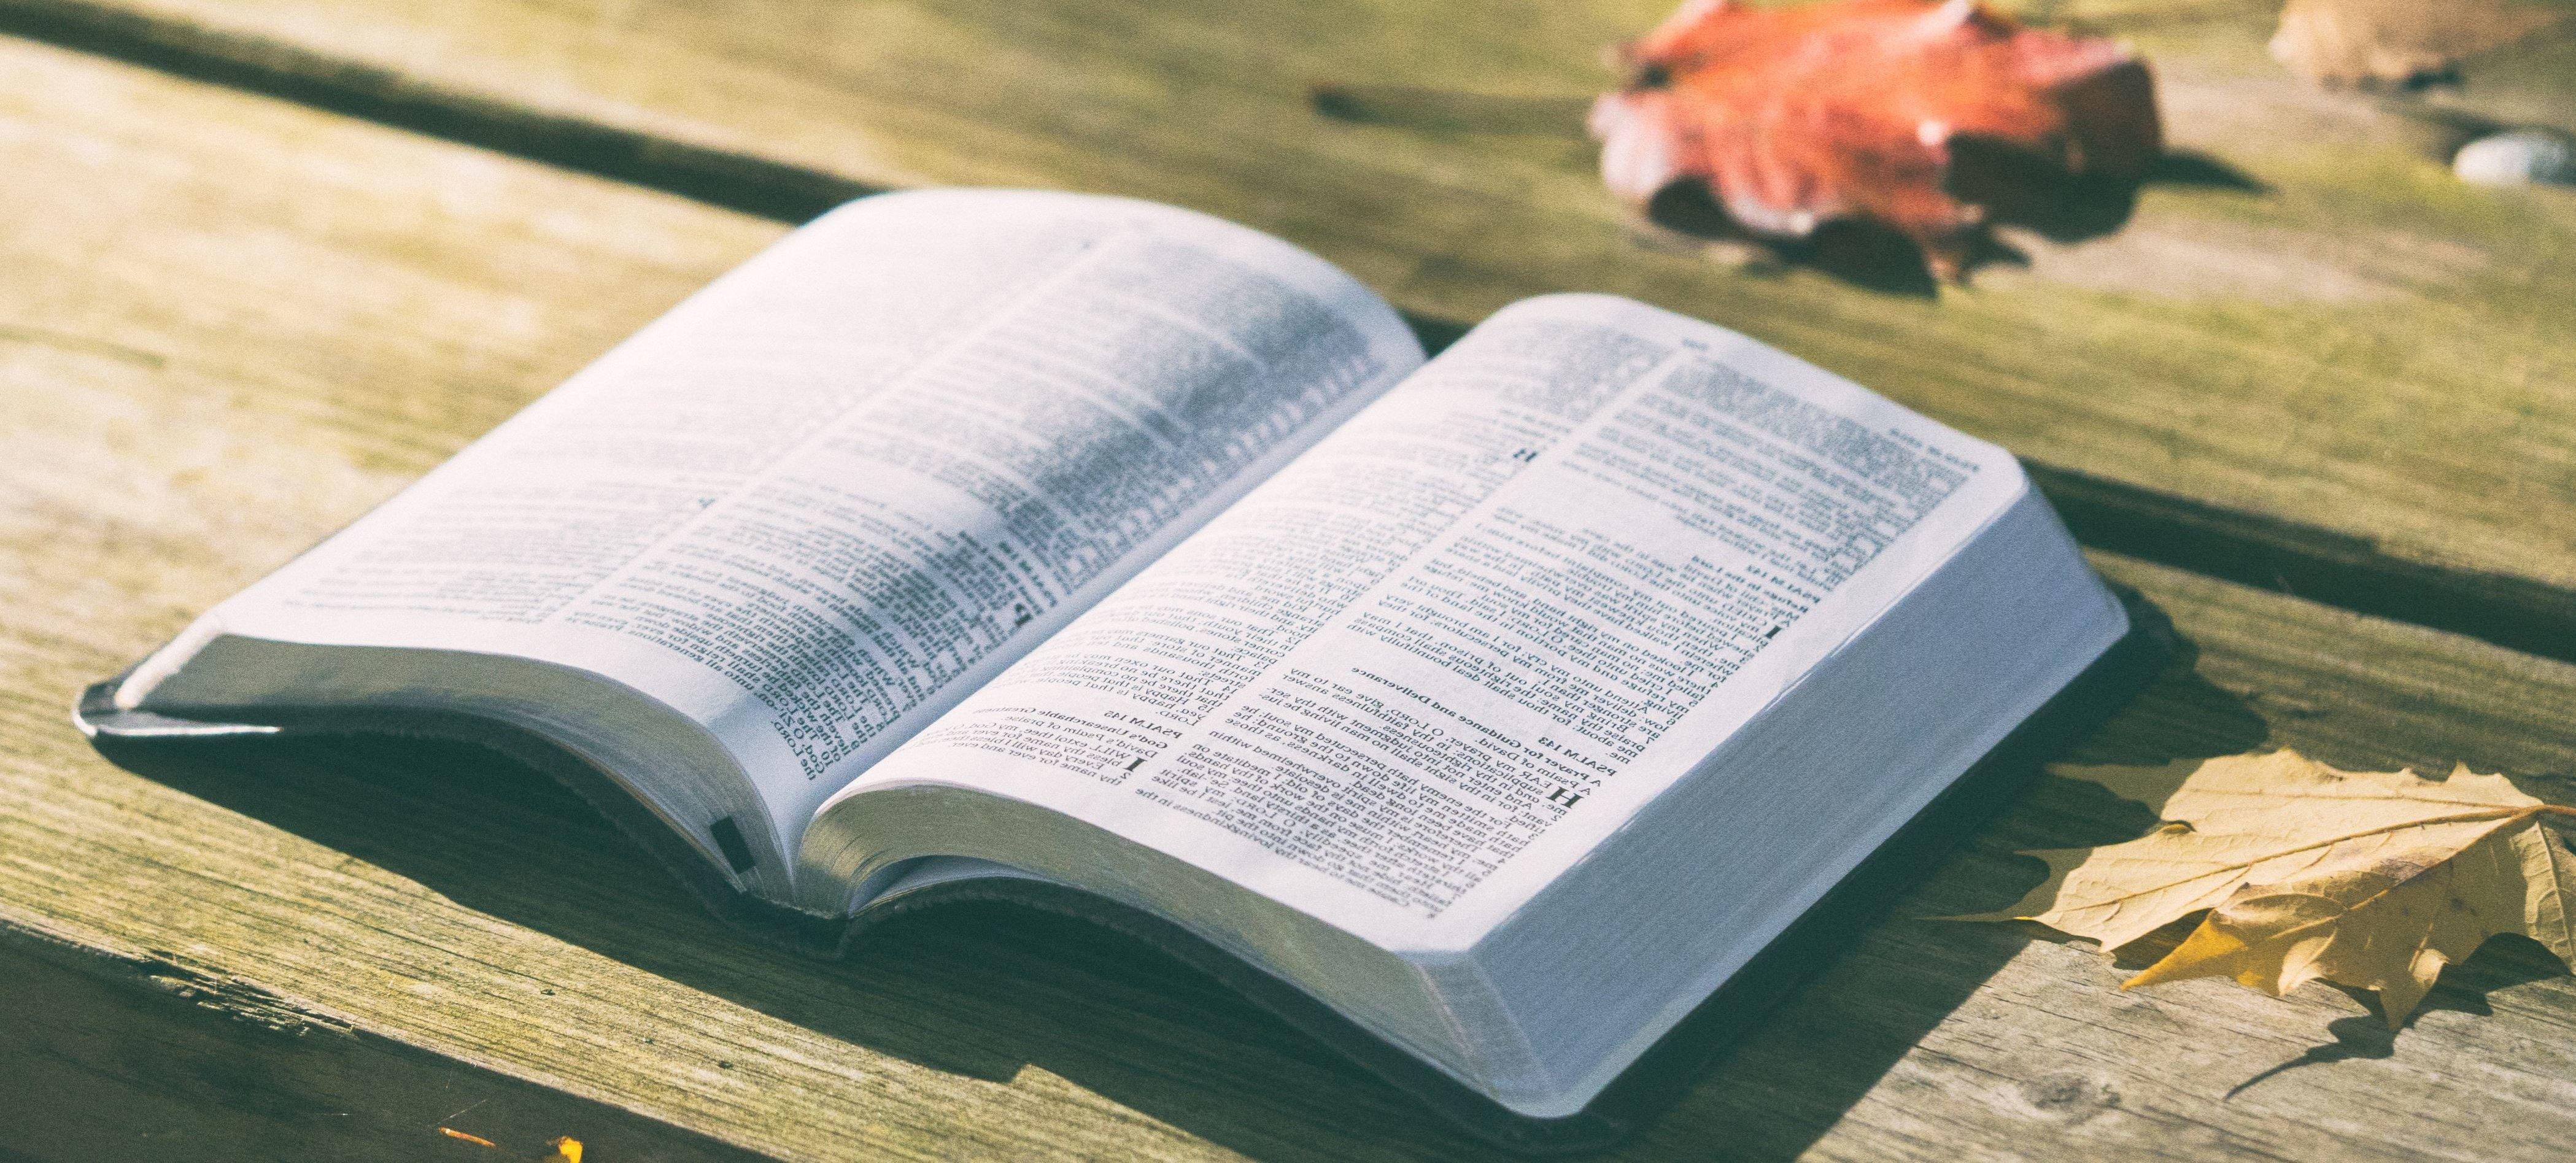 Indeling van de Bijbel